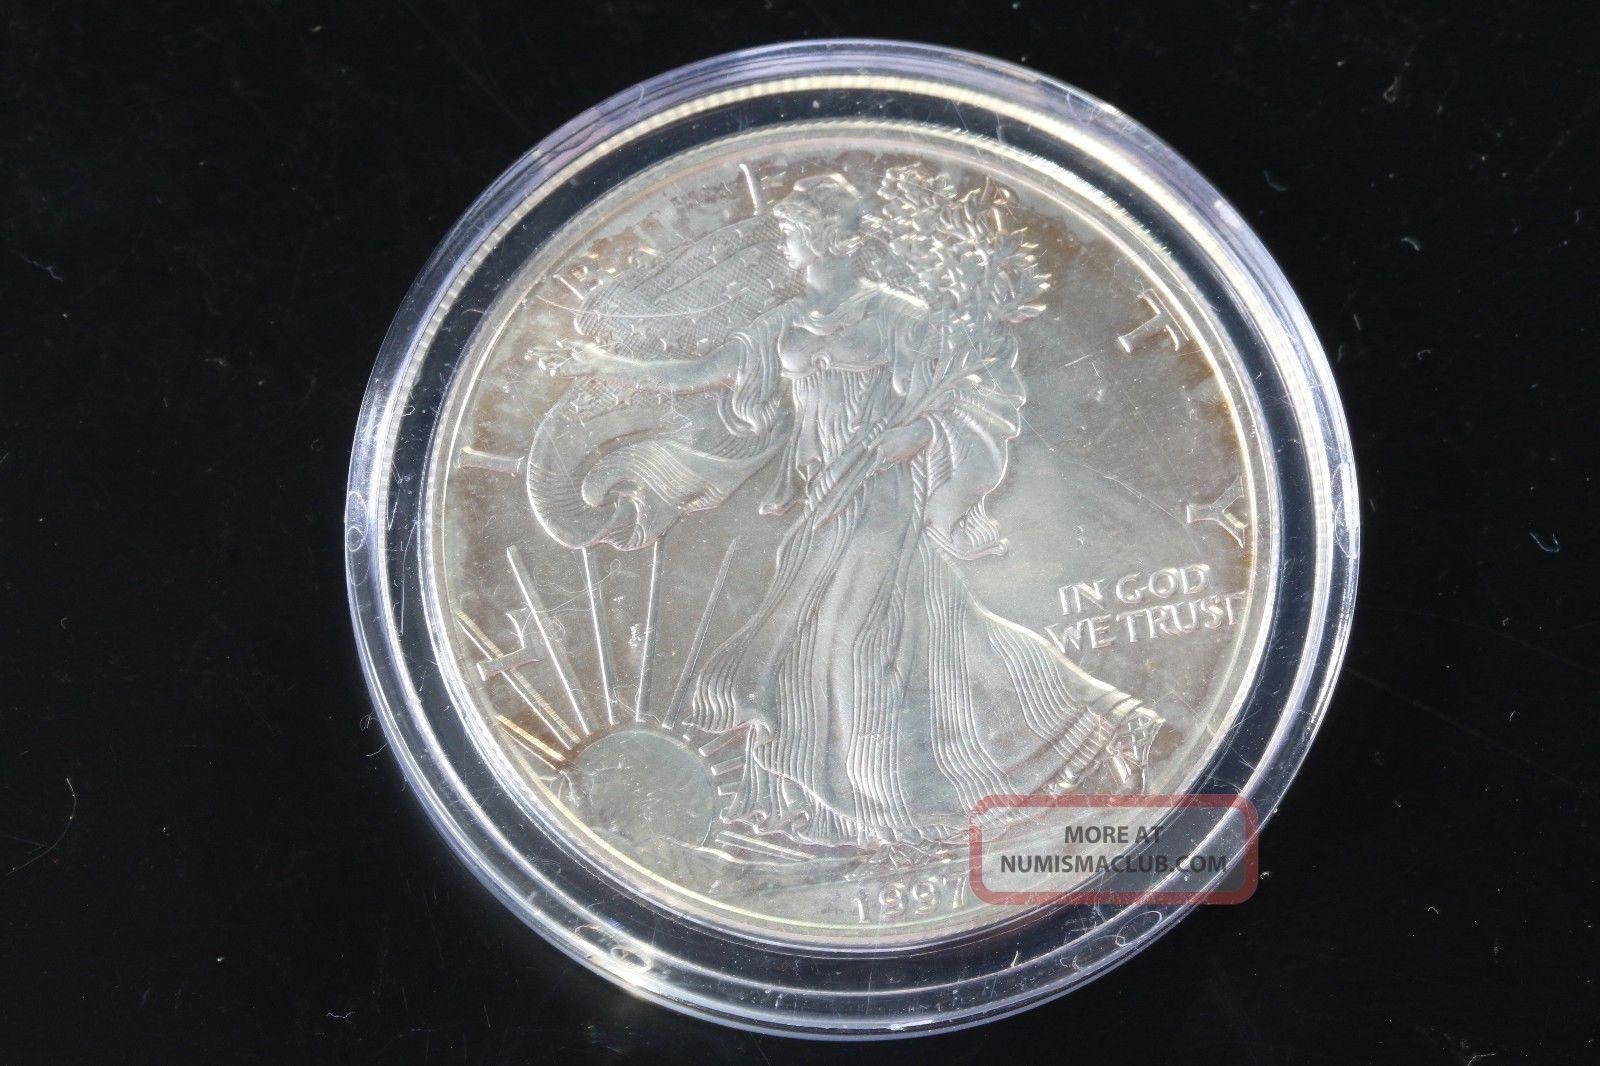 1997 Silver American Eagle 1 Oz Bullion Coin 1 Fine